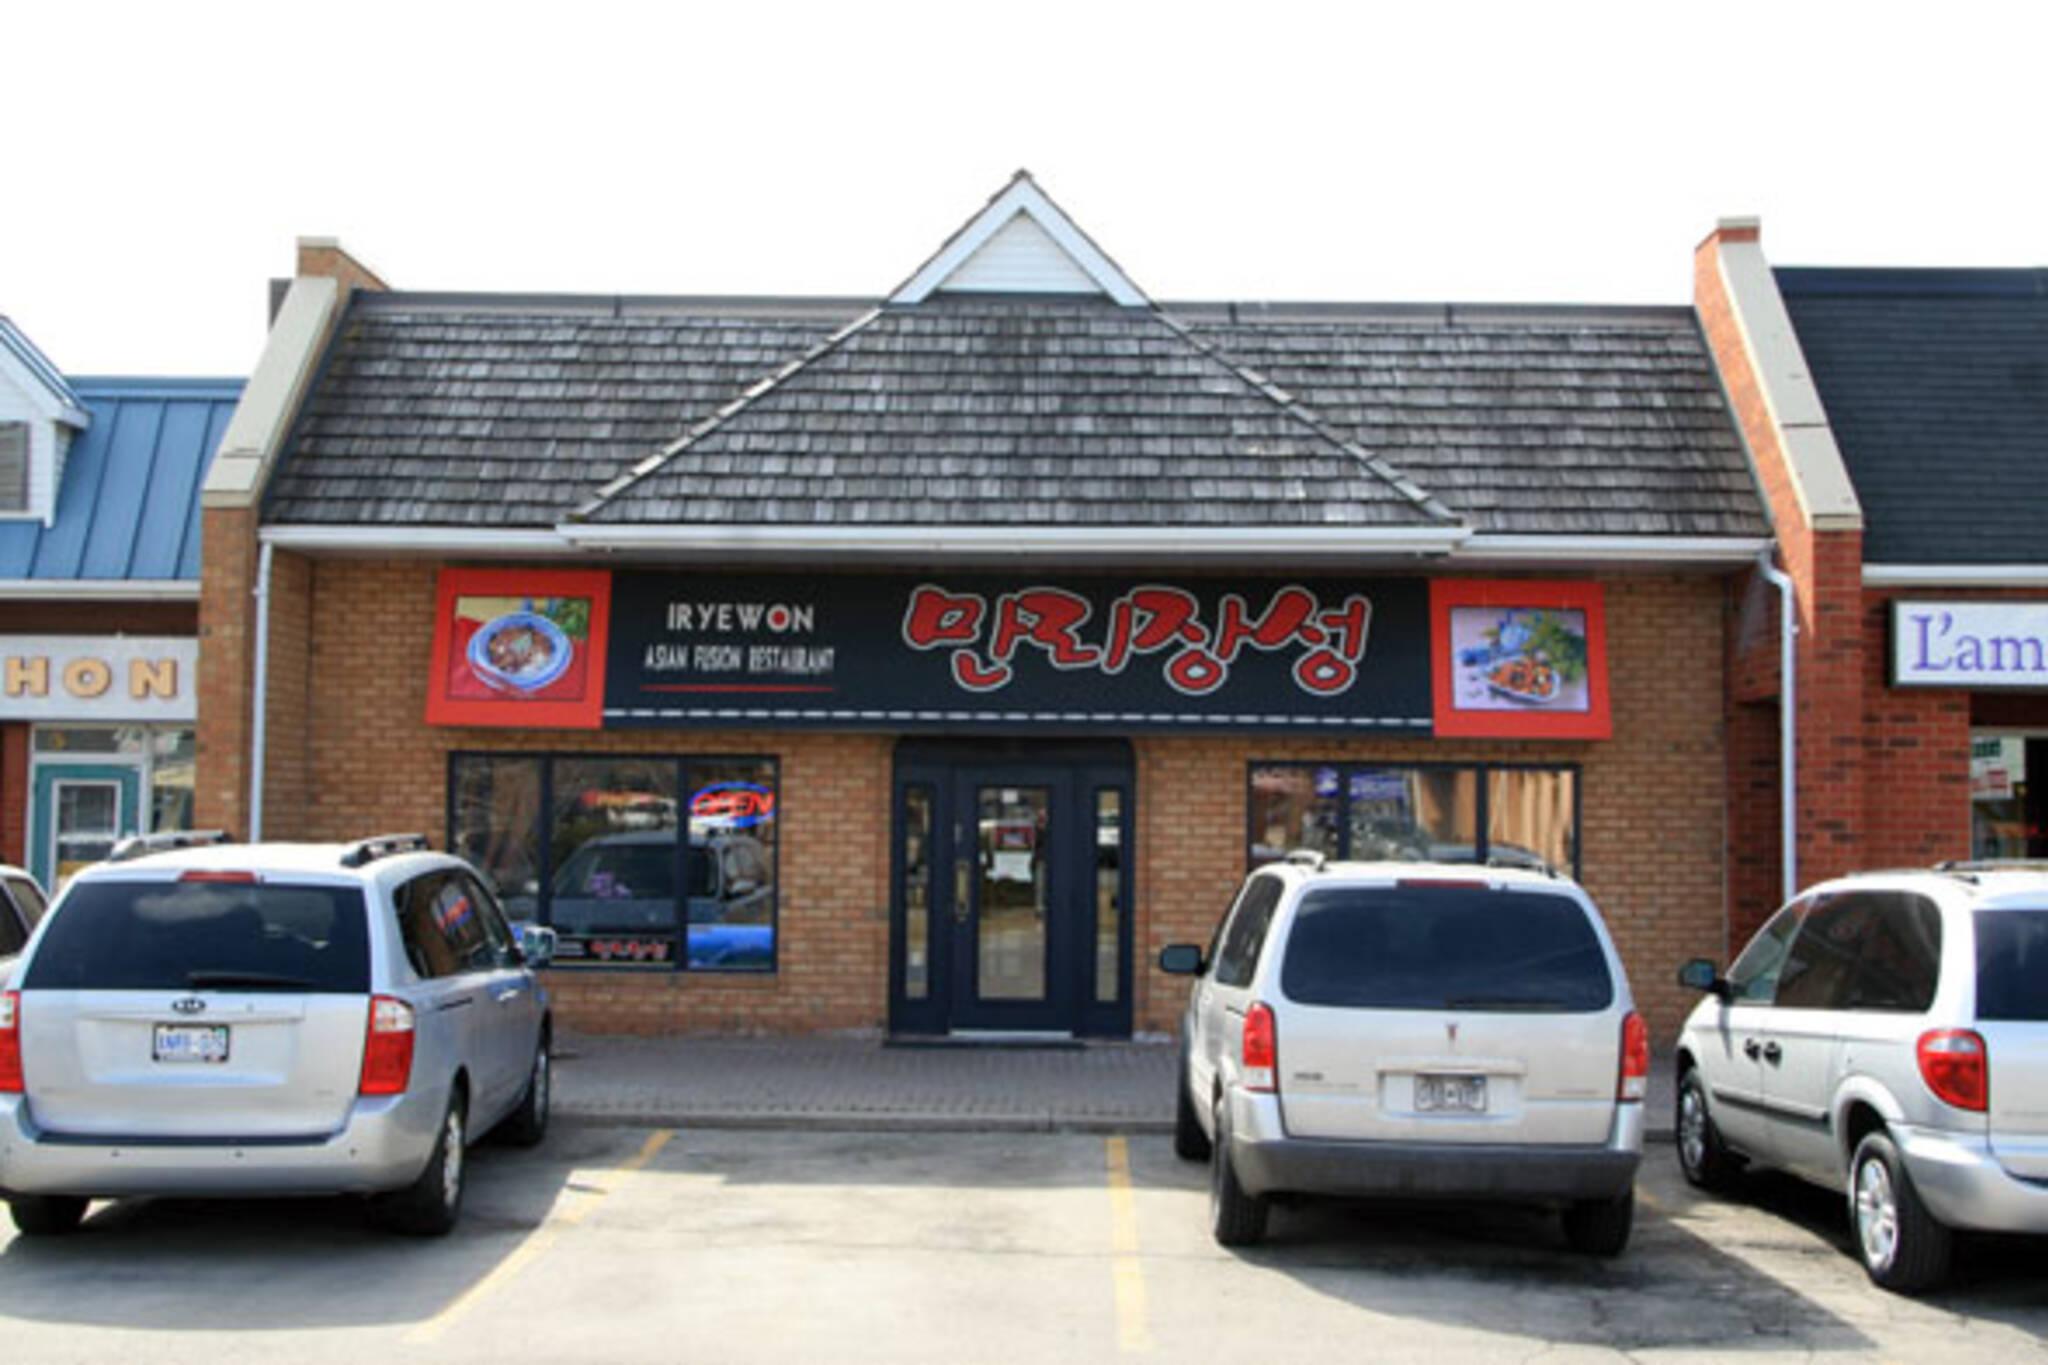 Iryewon Toronto